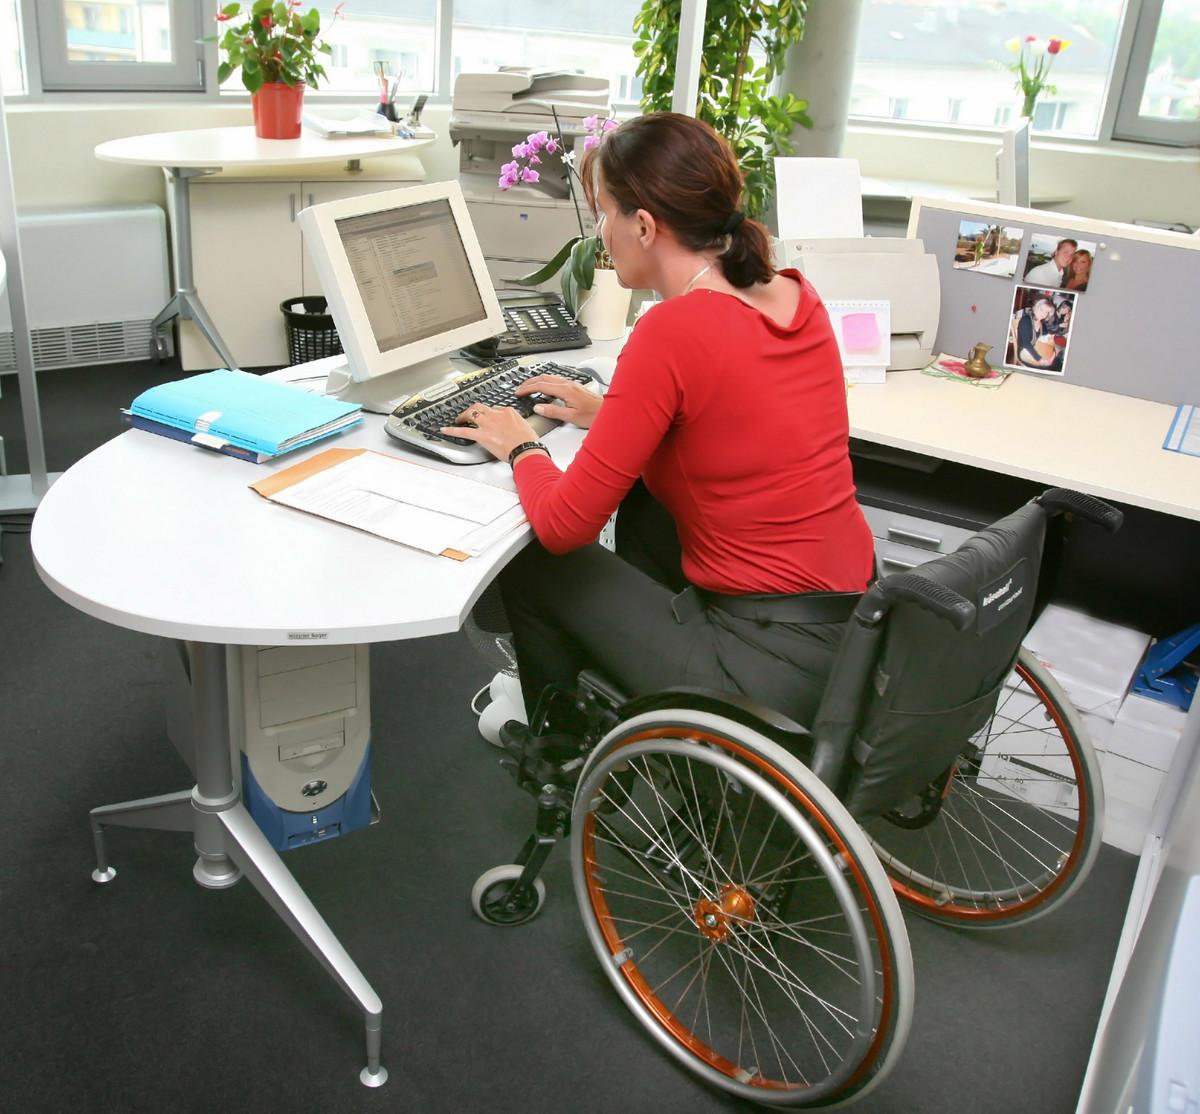 Работа для инвалидов на дому вакансии удалённой работы стать тренером фрилансером